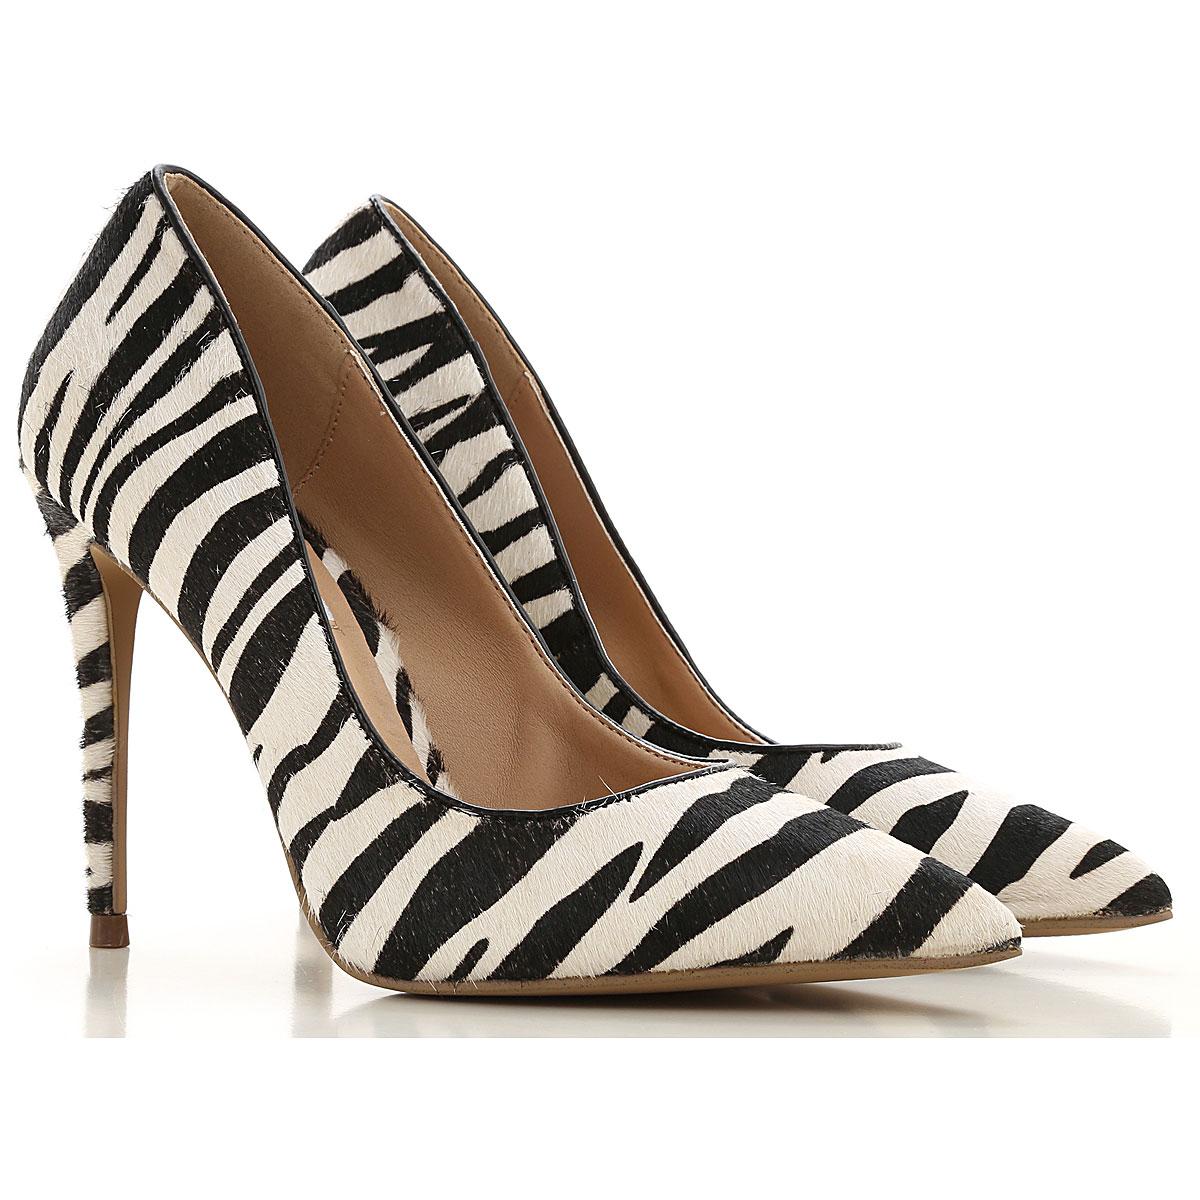 d4bf73f9e25 Steve Madden Pumps   High Heels For Women